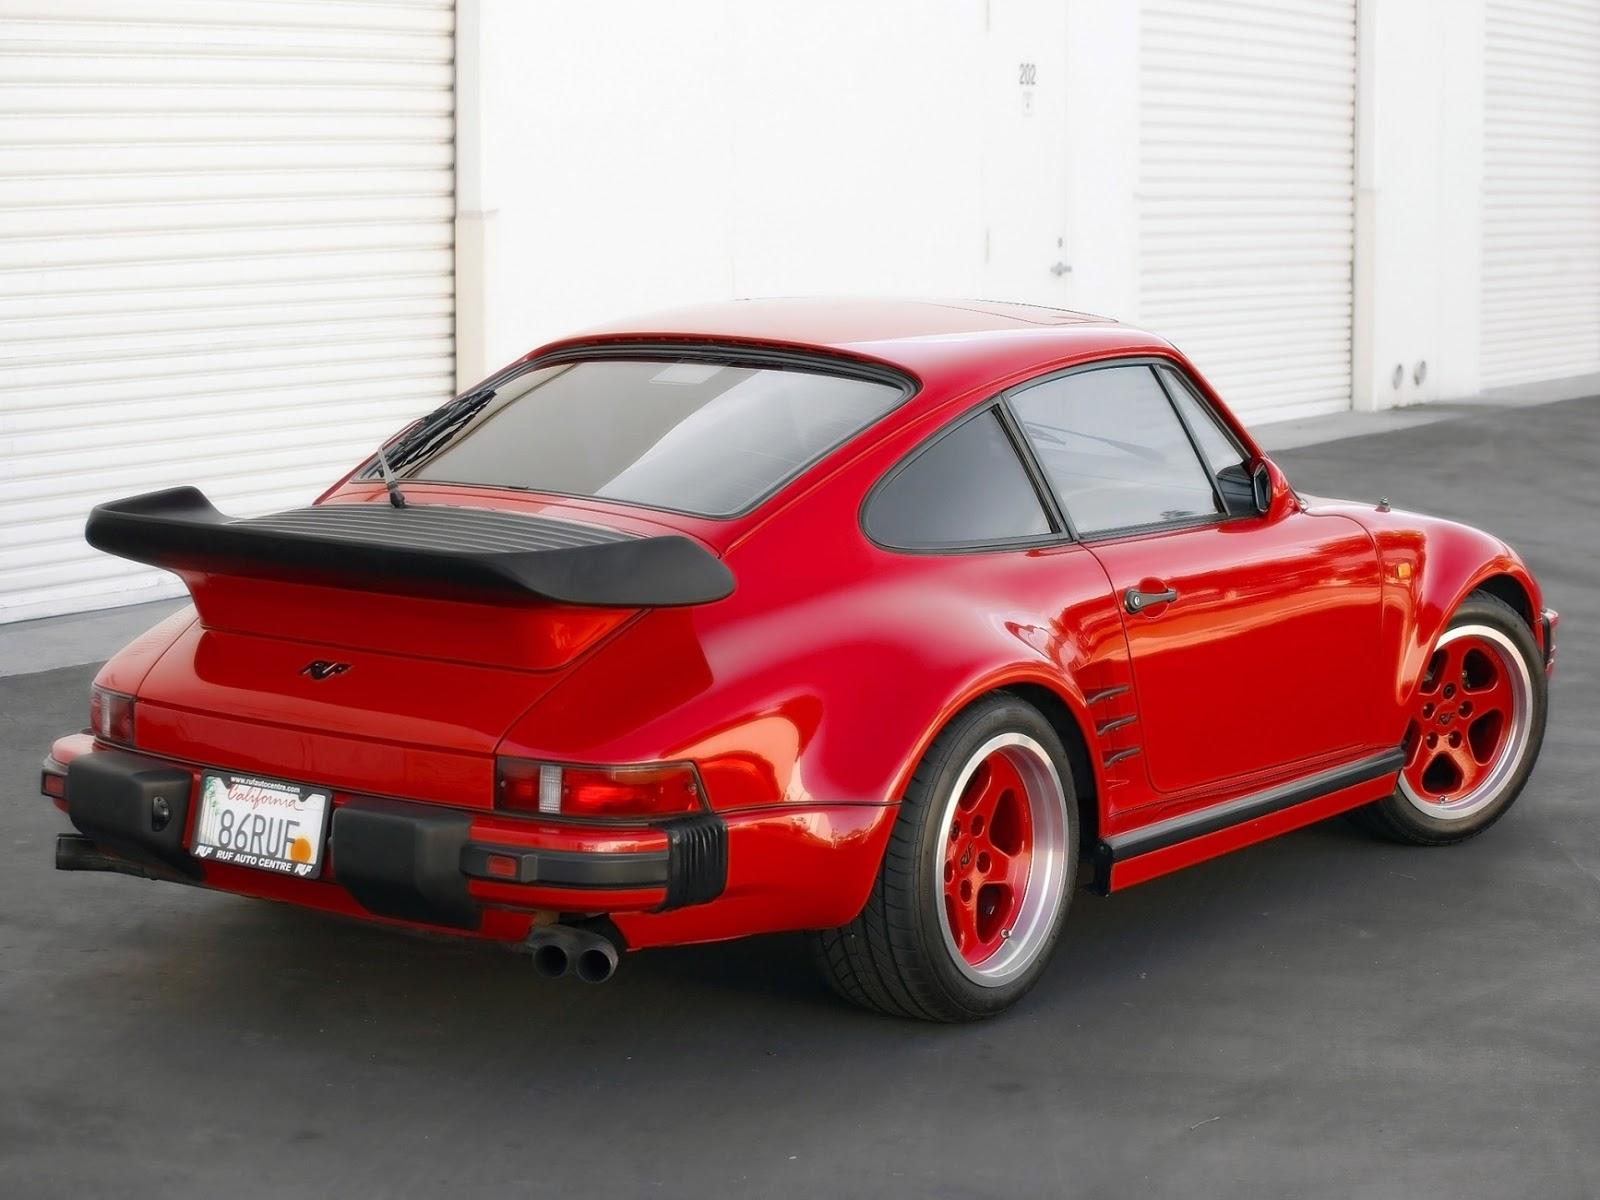 Porsche 911 Turbo Coupe Quot Slant Nose Quot G Serie My 1983